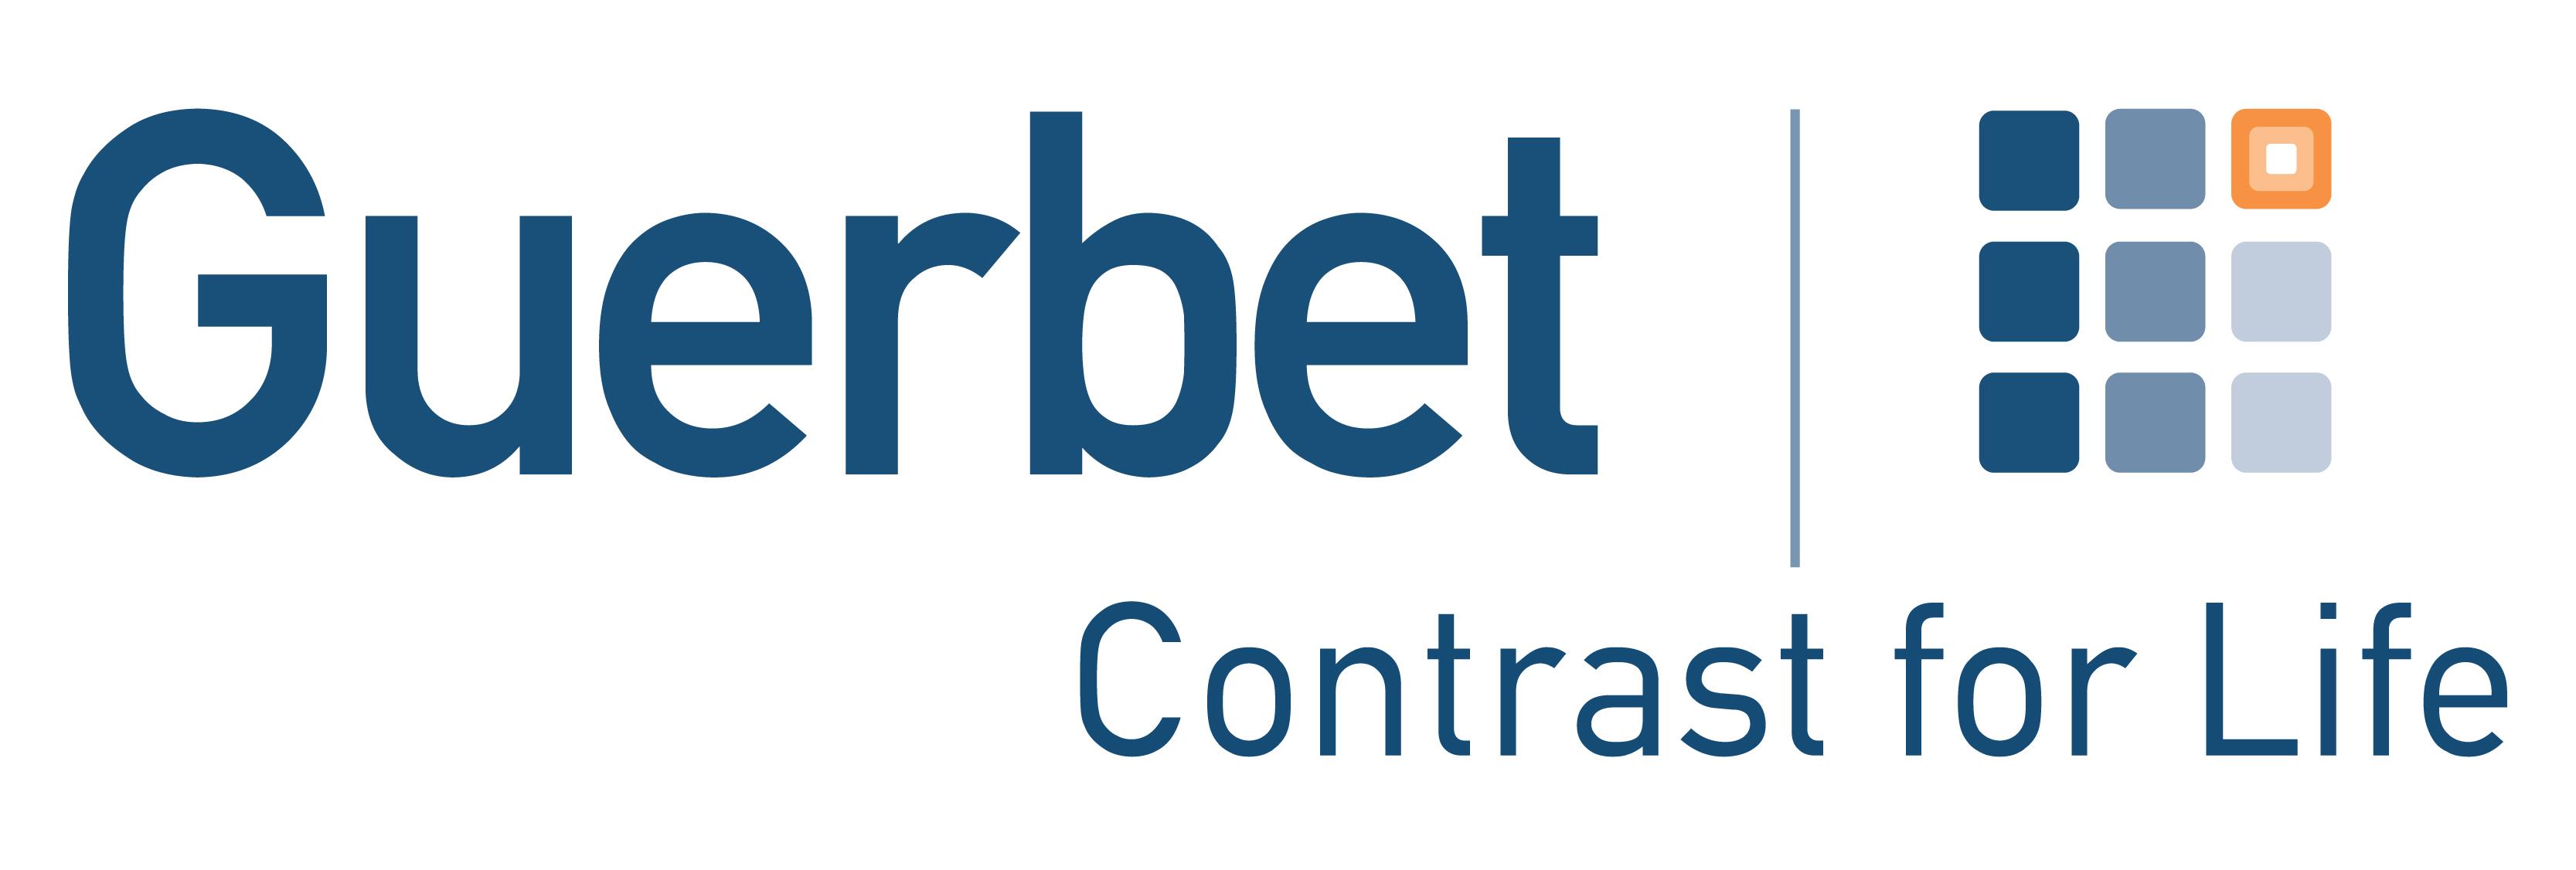 Guerbet-logo